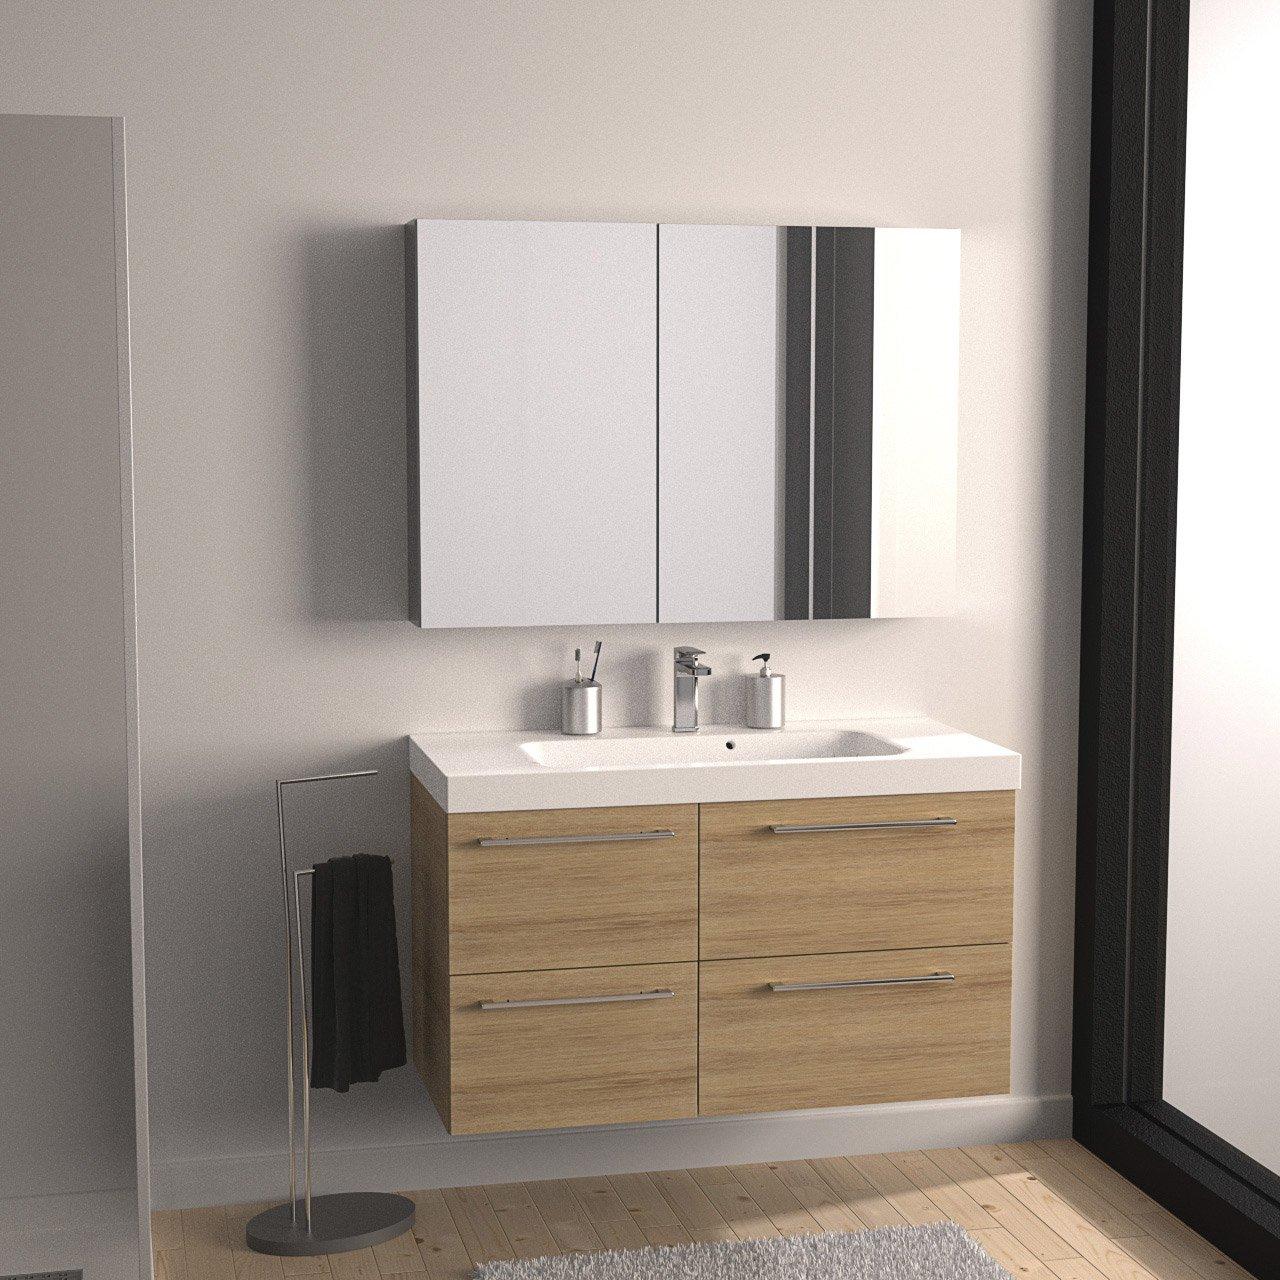 Lavabo Salle De Bain Ikea Nouveau Image Lavabo Et Meuble Simple Petit Meuble Lavabo Petit Meuble Vasque Wc